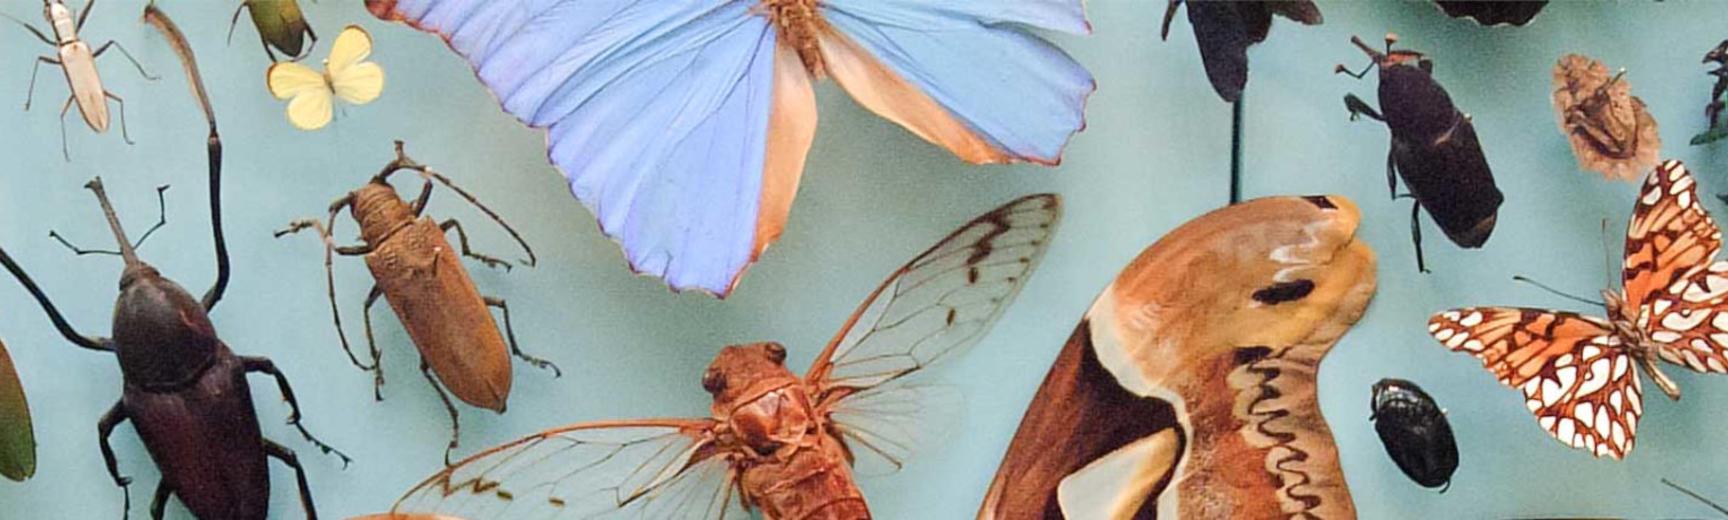 OUMNH butterflies